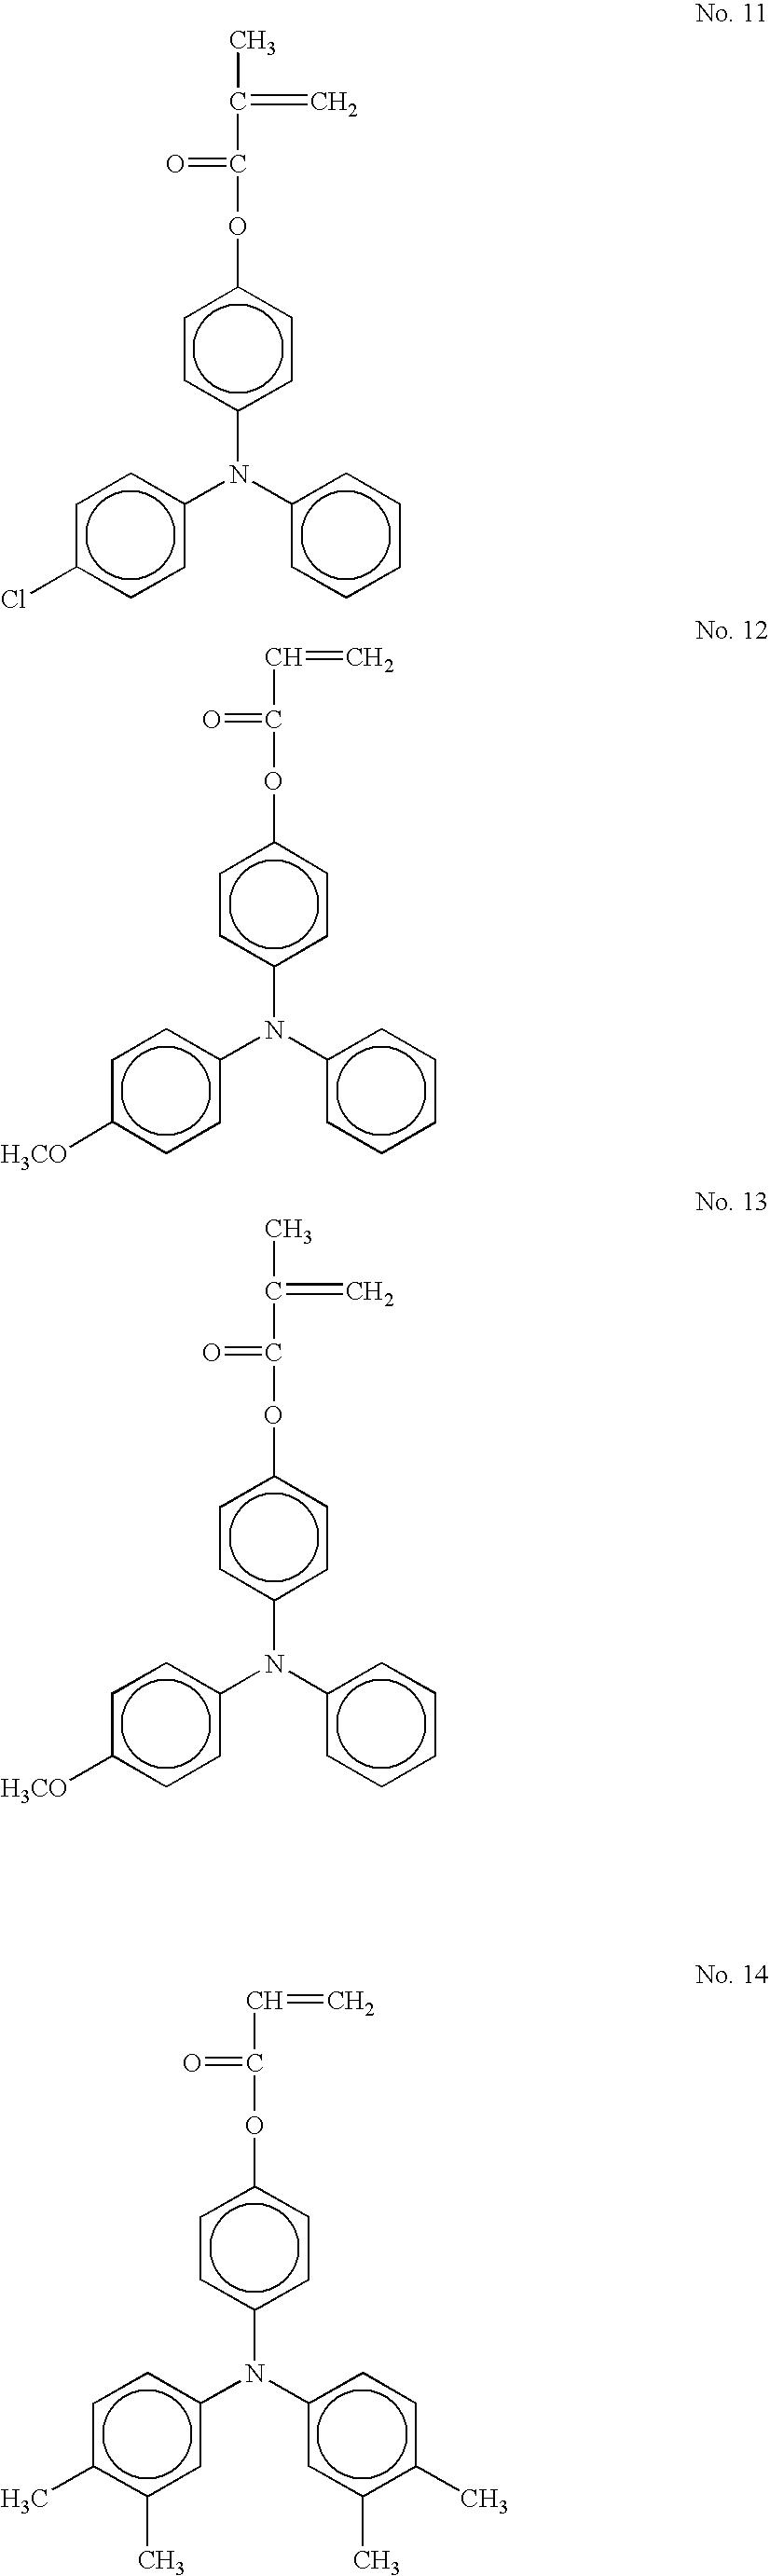 Figure US07361438-20080422-C00014